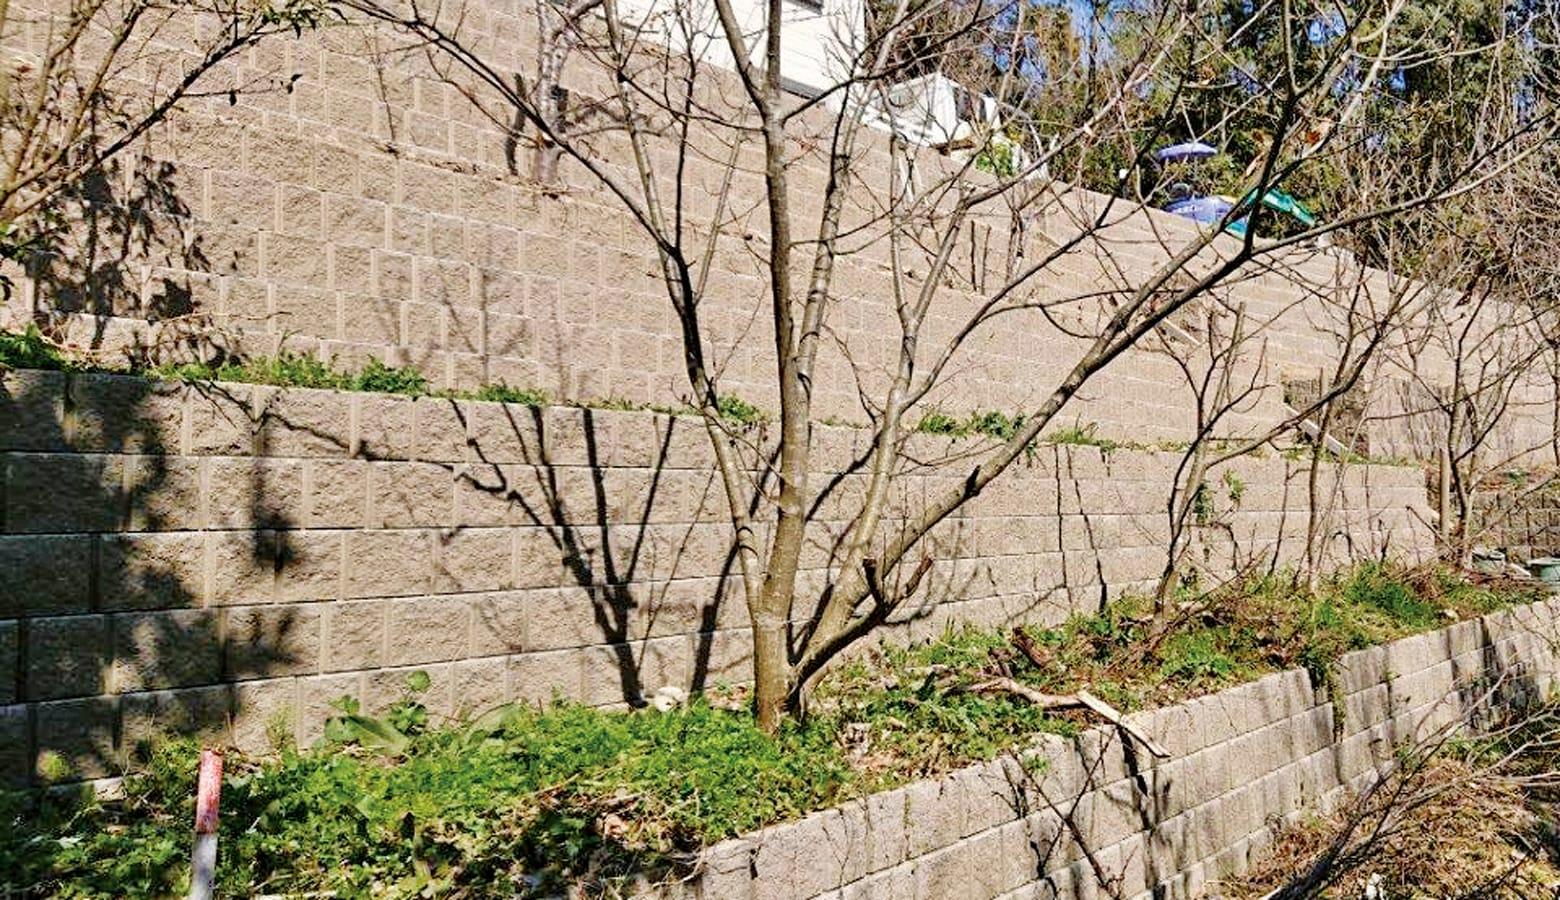 樹木と自然に溶け込んだ石垣_ABリテイン